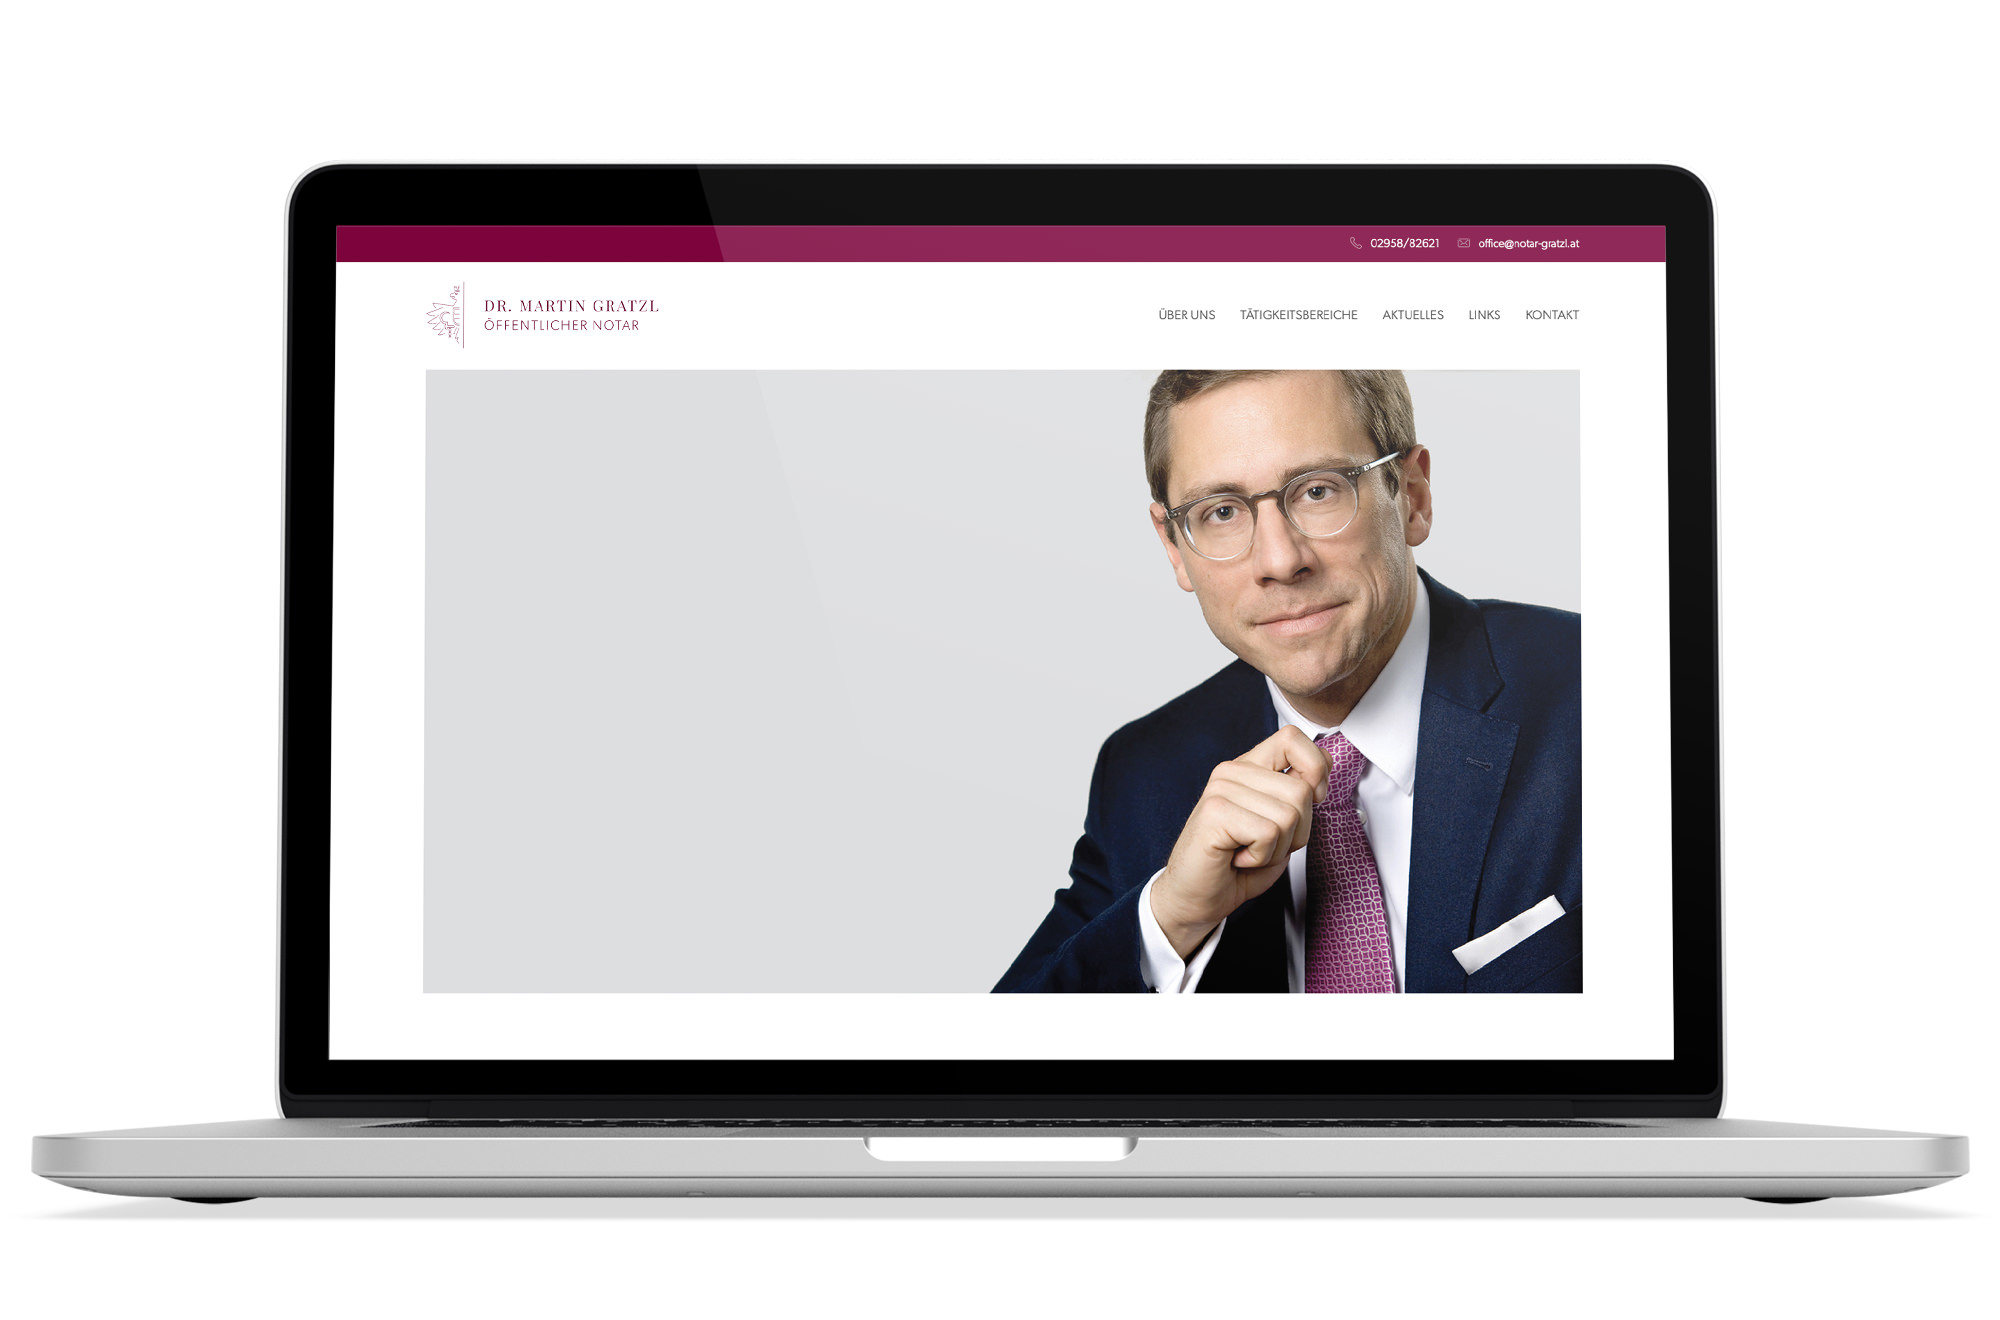 Responsive Webdesign Beispiel: Neue mobile Webseite für Notar / Notariatskanzlei